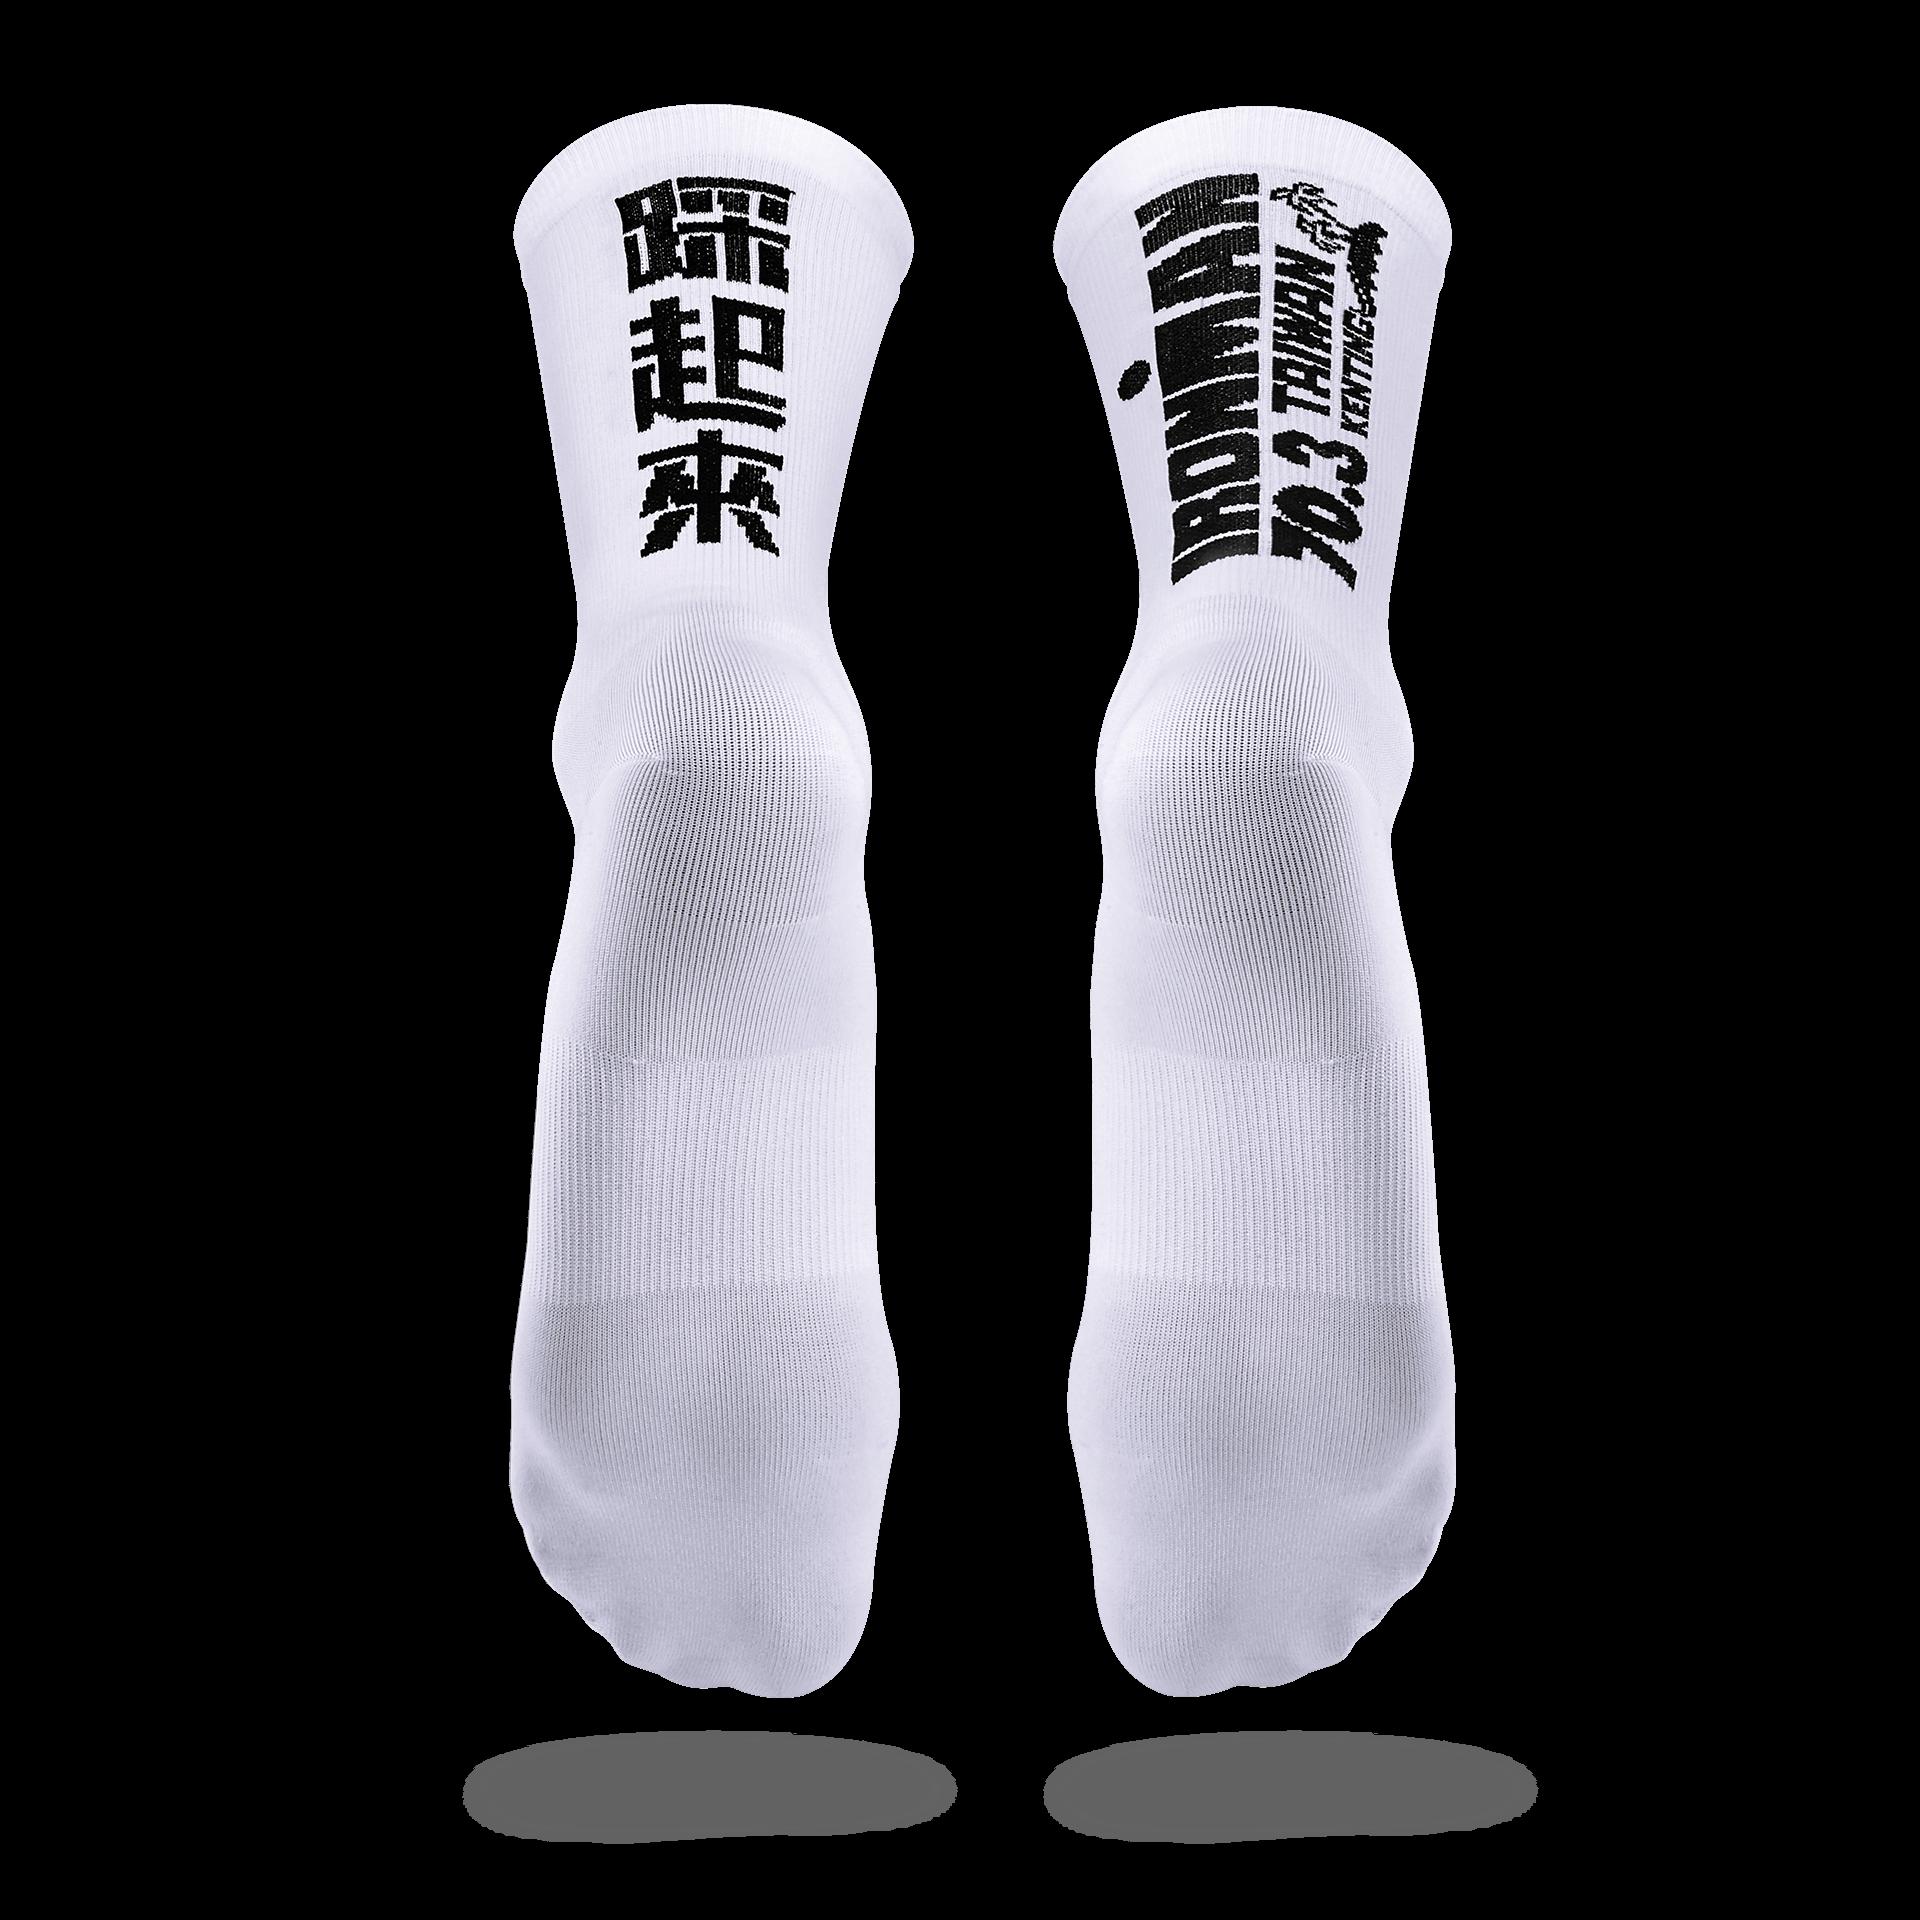 自行車襪 2021 IRONMAN 70.3 聯名款